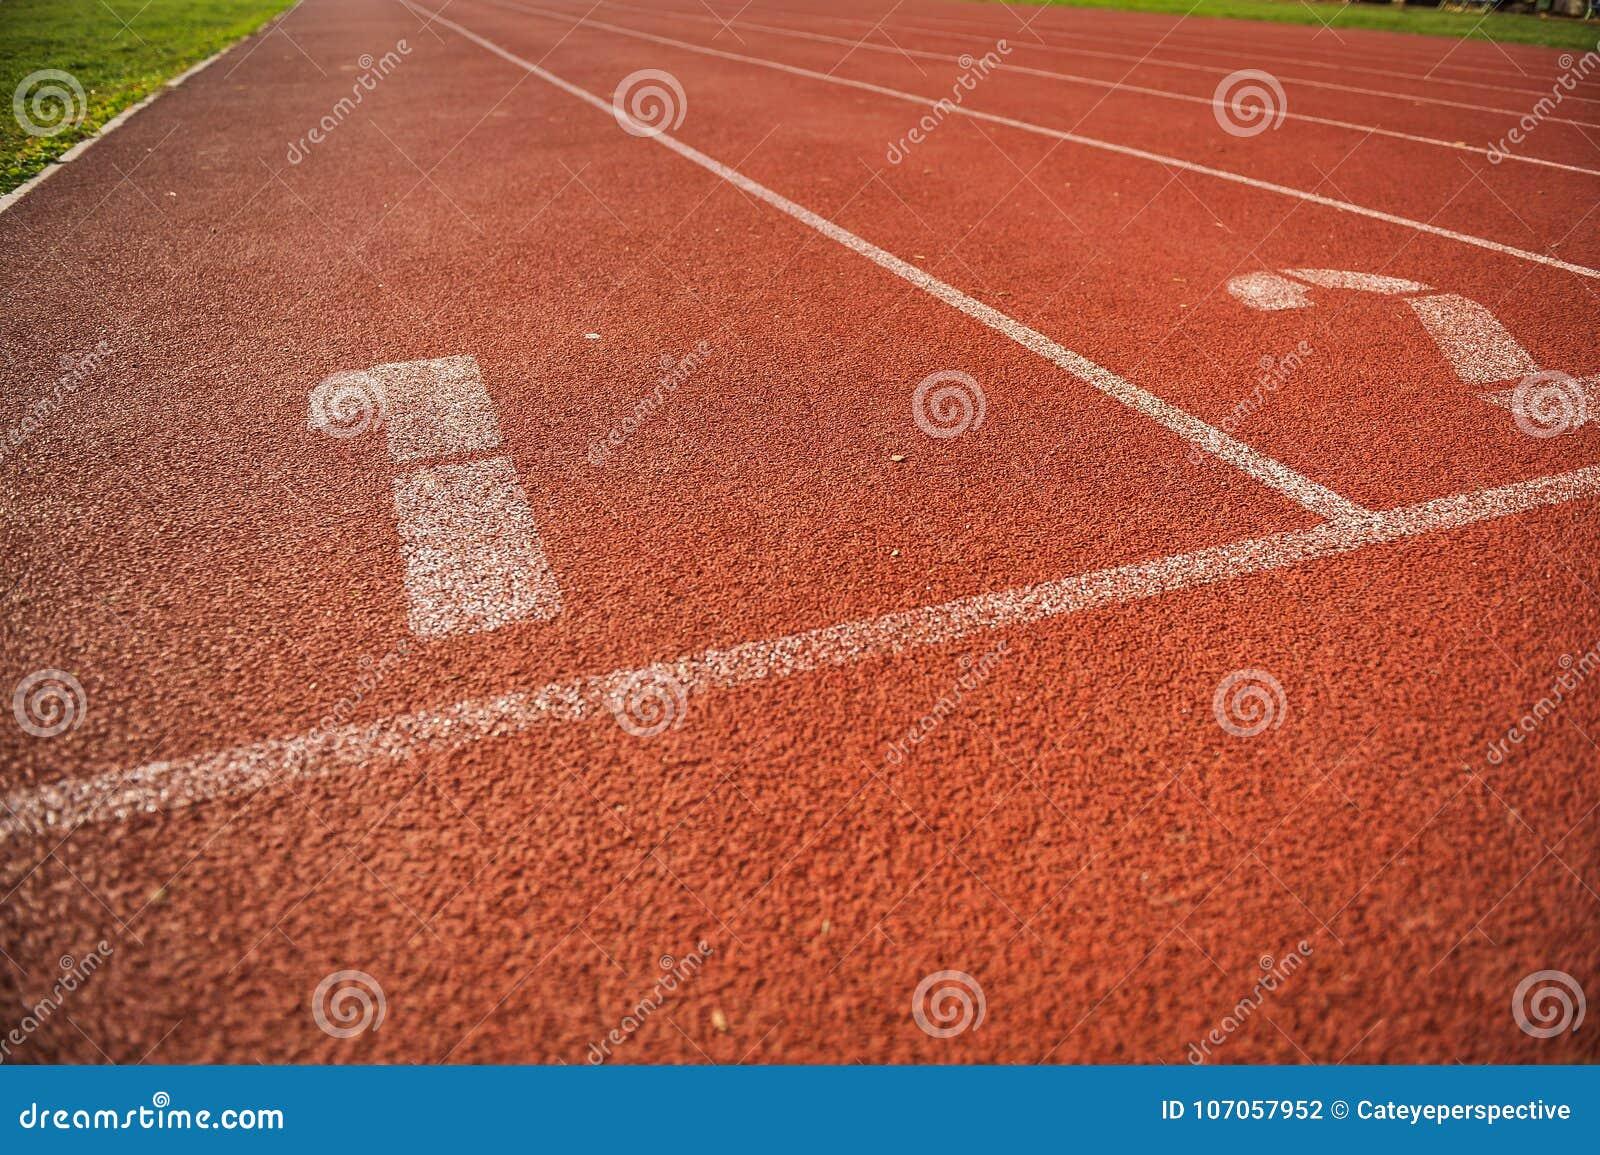 Vicoli della pista di atletica